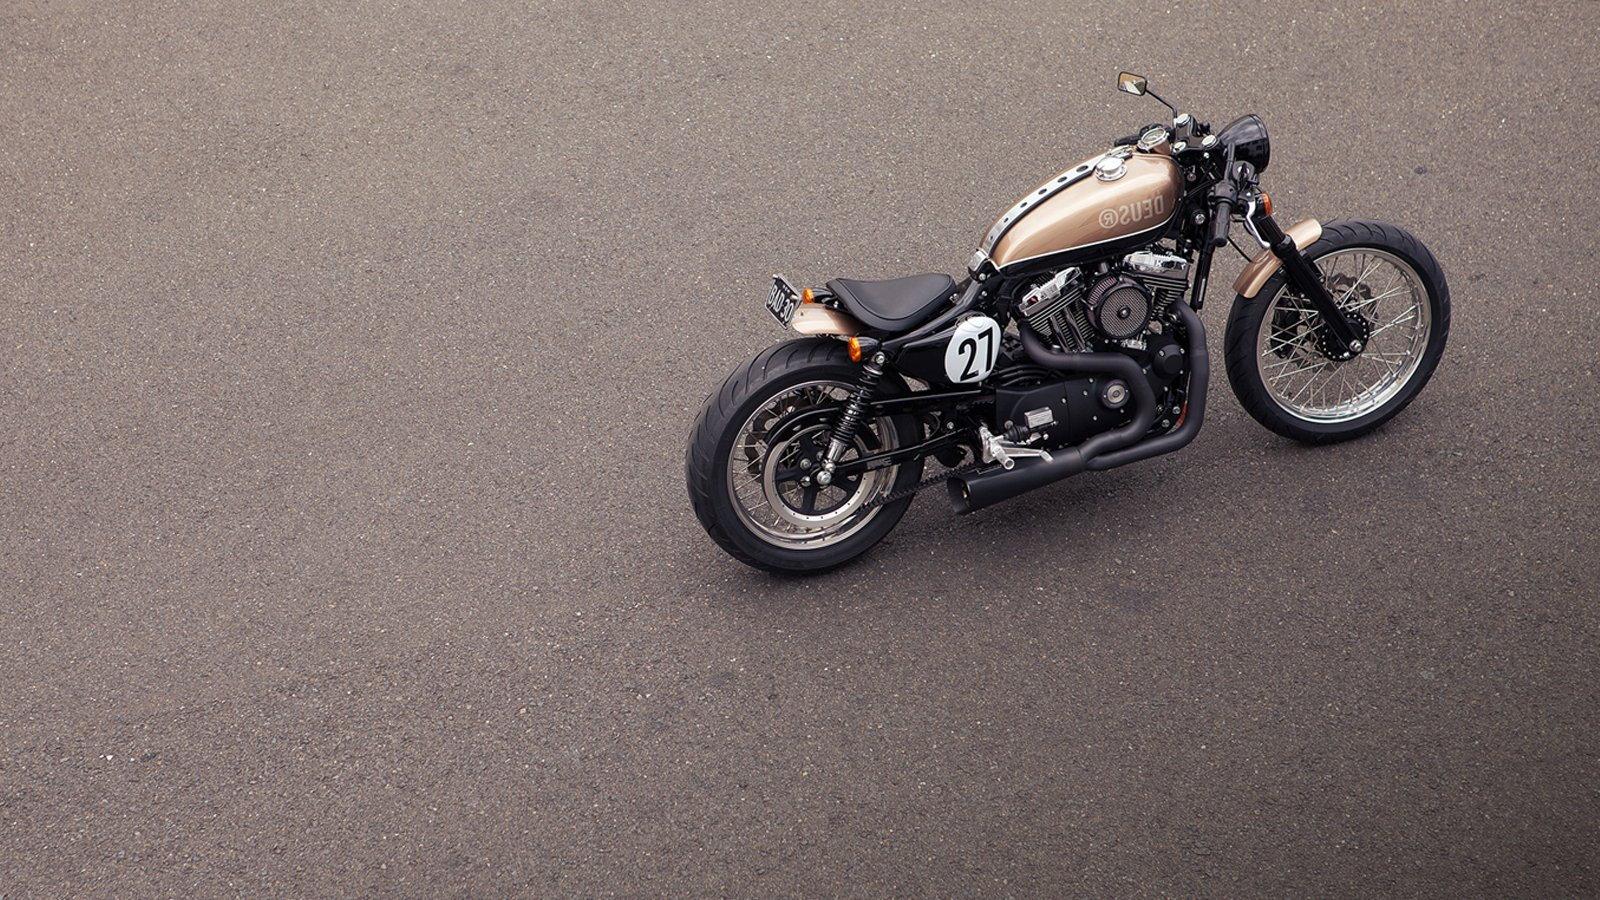 Custom 2007 Harley Sportster by Deus | Hdforums